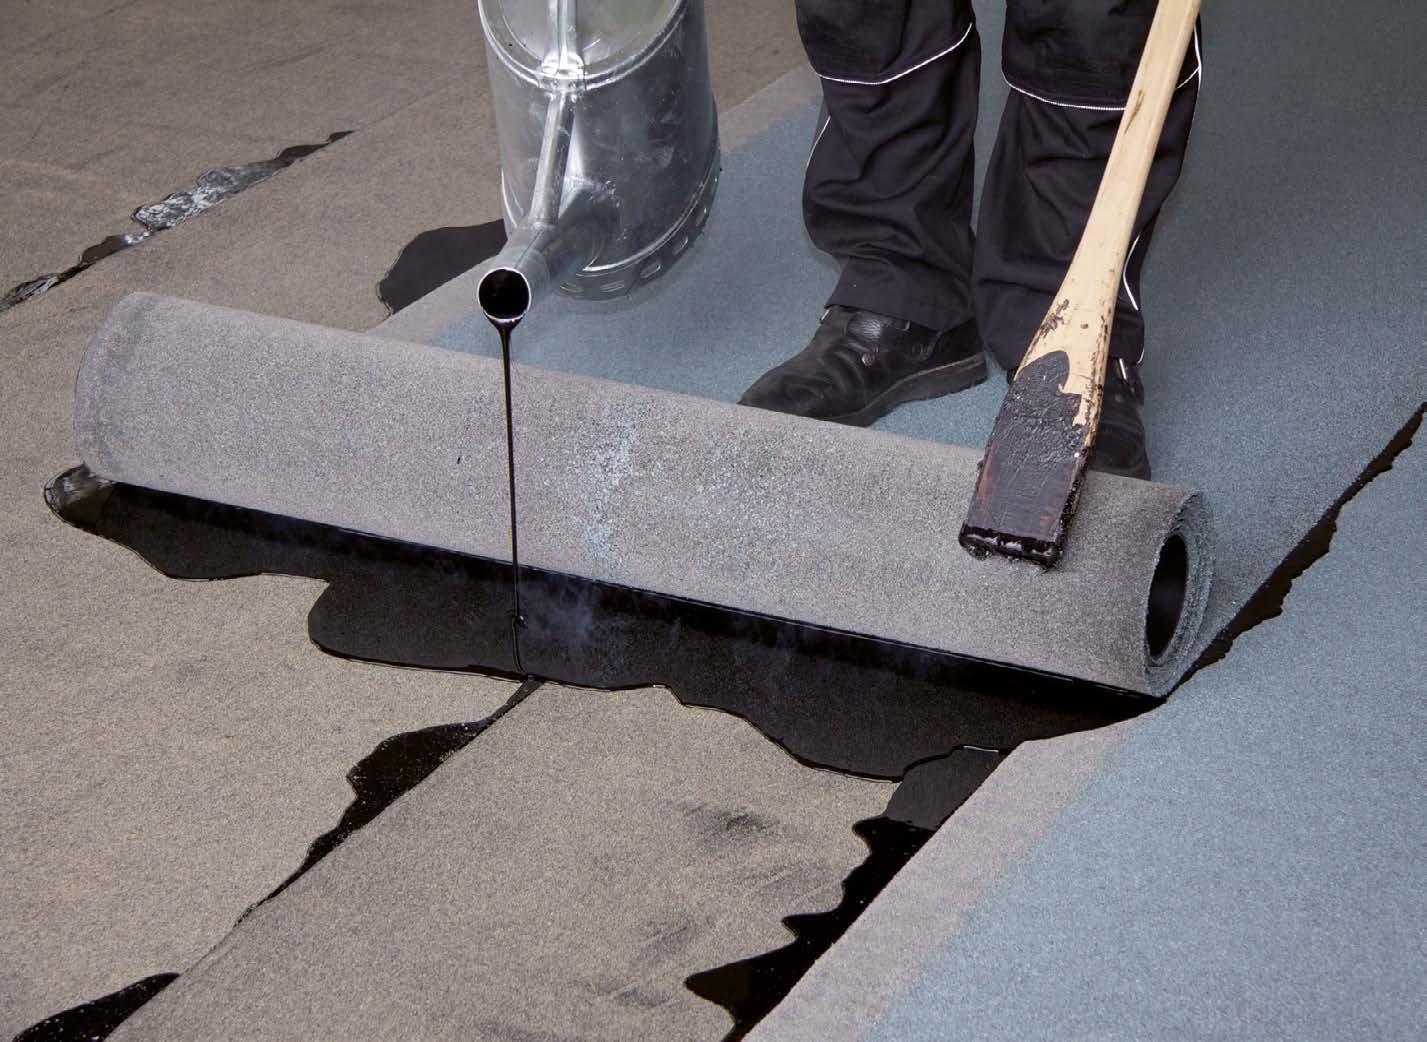 Generell gilt: Als Arbeitgeber und Inhaber eines Dachdeckerunternehmens haben Sie nach § 7 der Gefahrstoffverordnung die Aufgabe, Ihre Beschäftigten zu schützen.